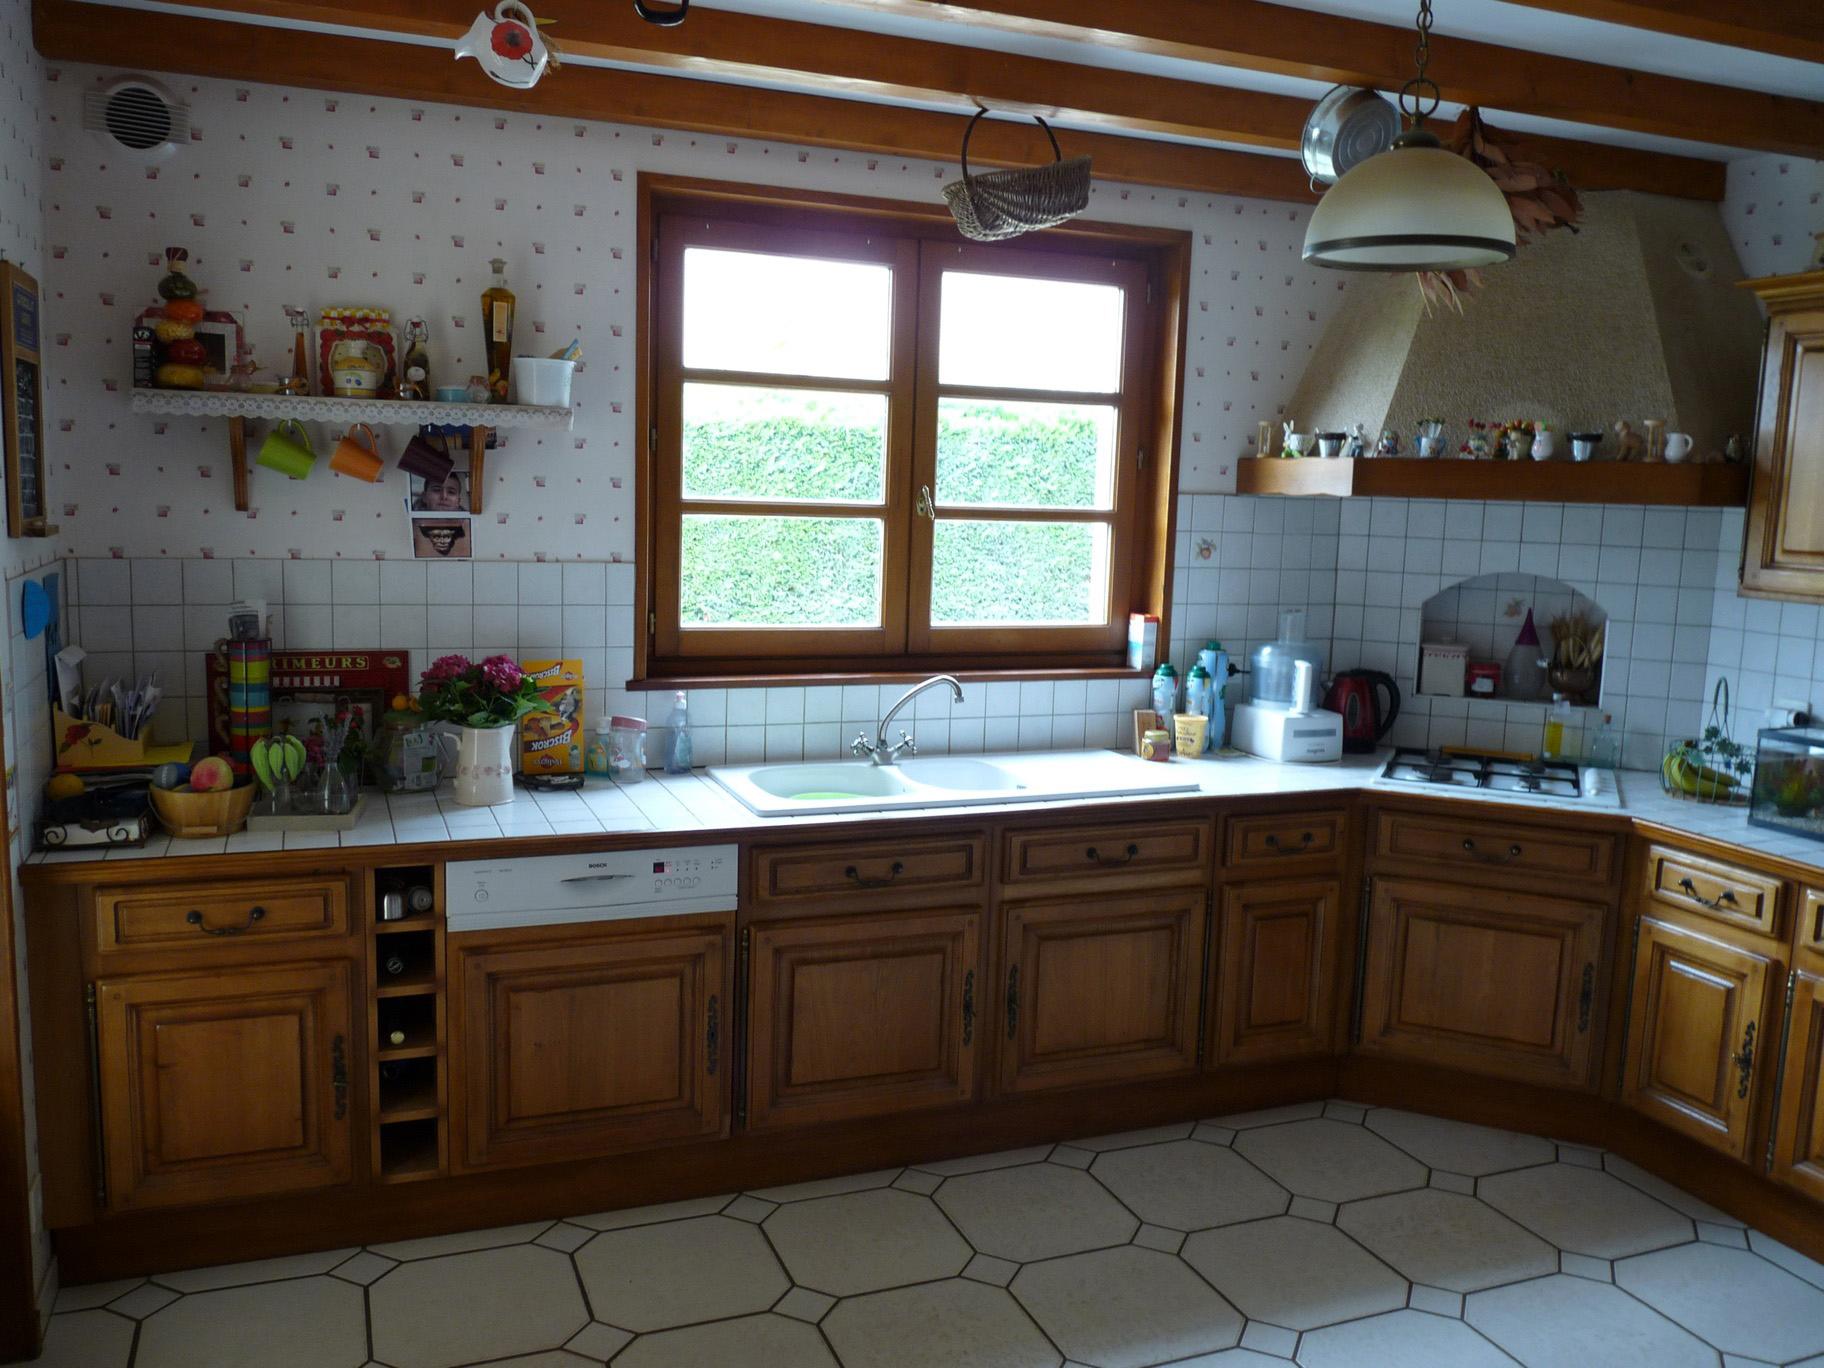 Peindre une cuisine en bois ch ne id es de travaux - Comment peindre une cuisine en bois ...